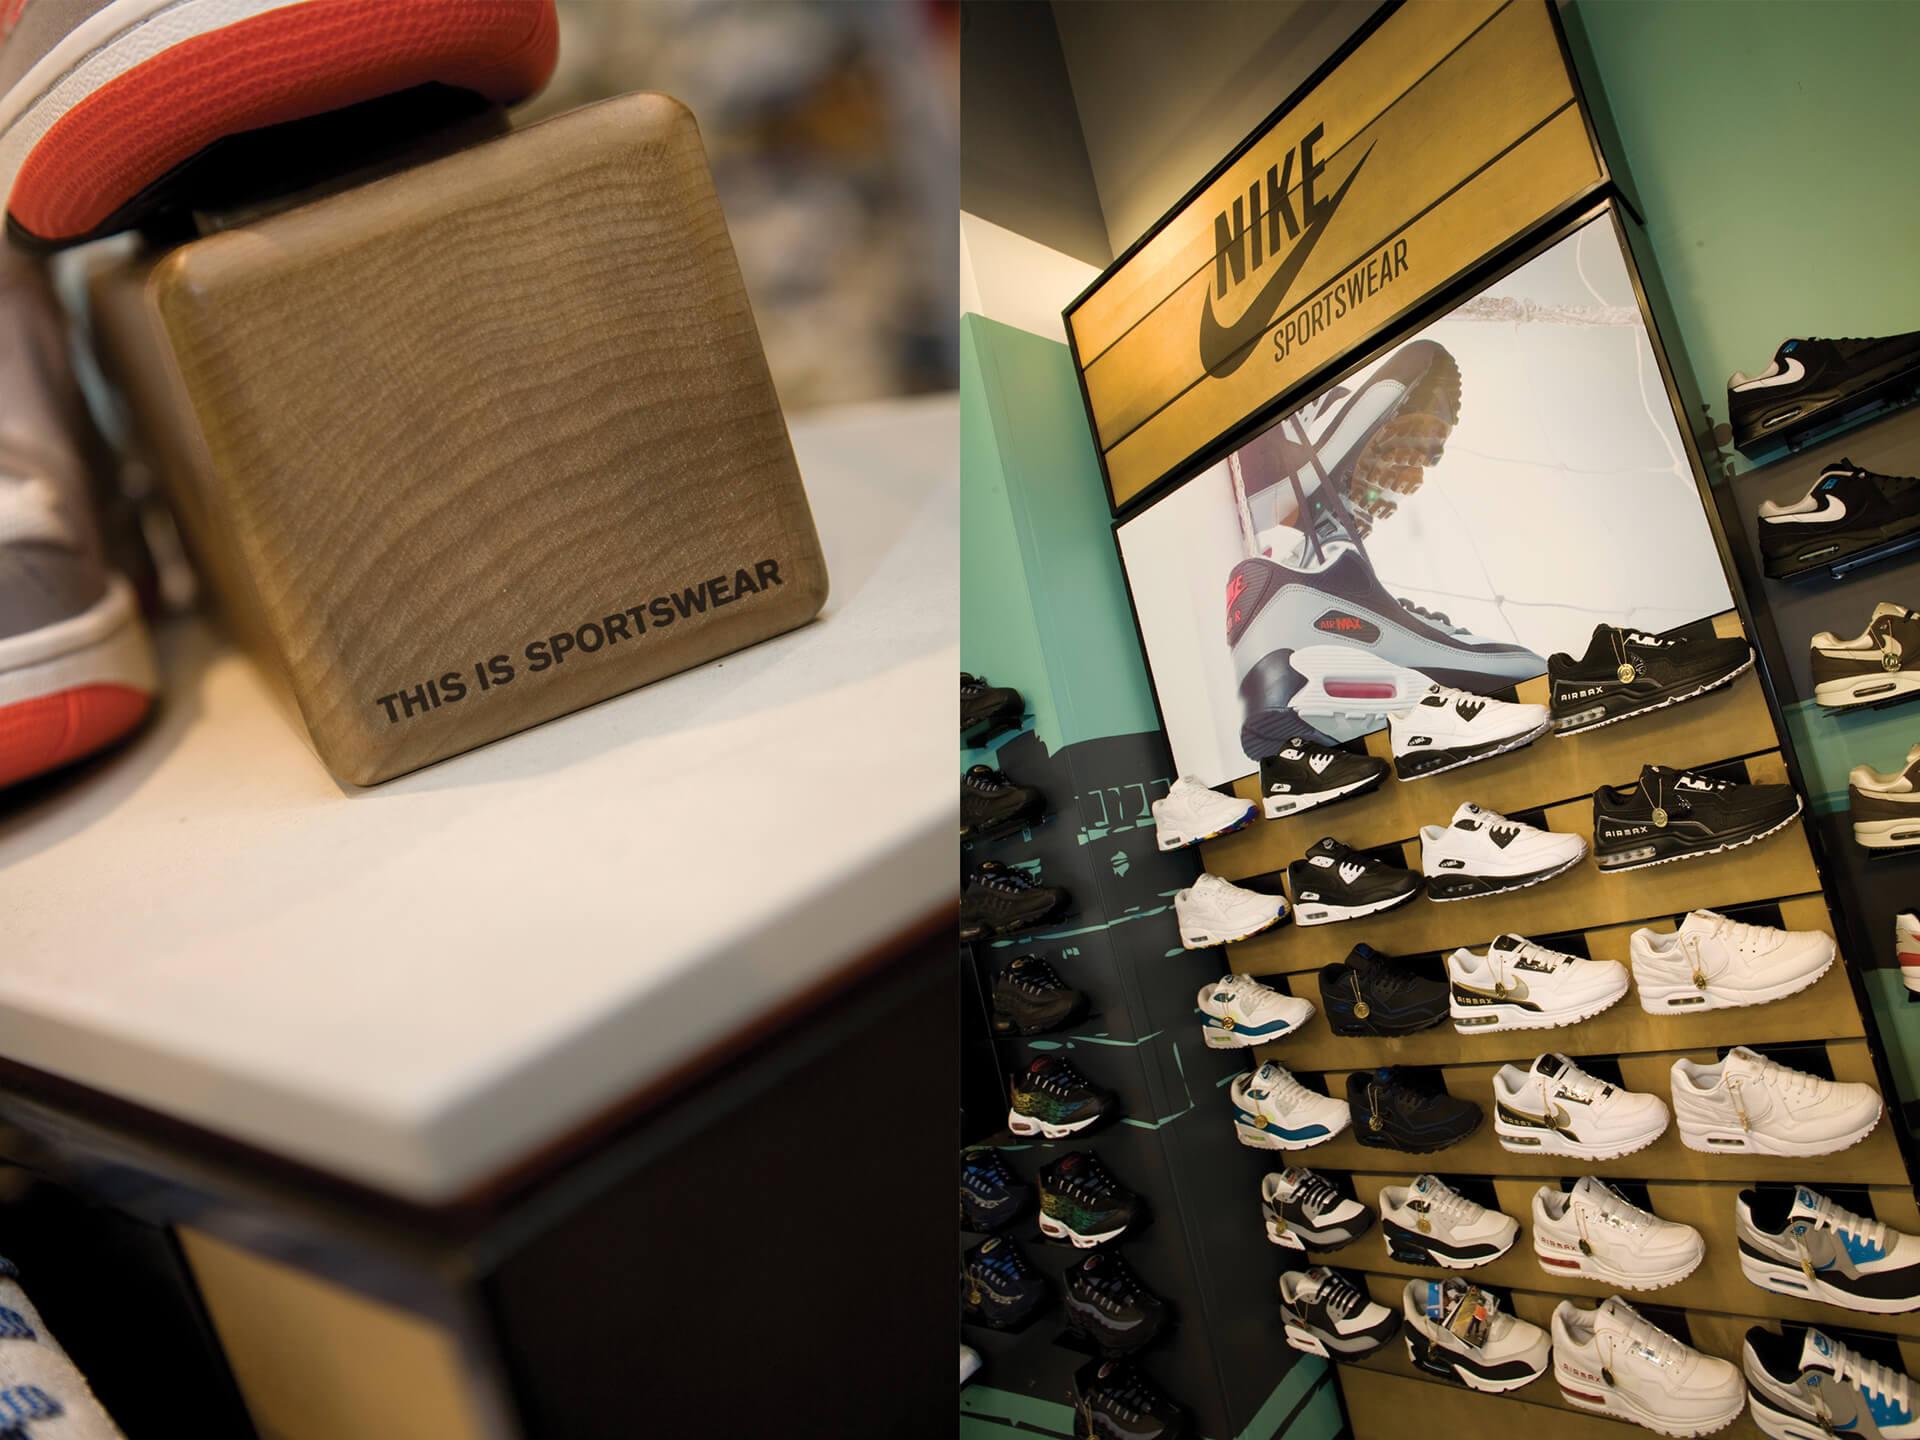 Nike Sportswear Launch 08_08_08 1920px 12